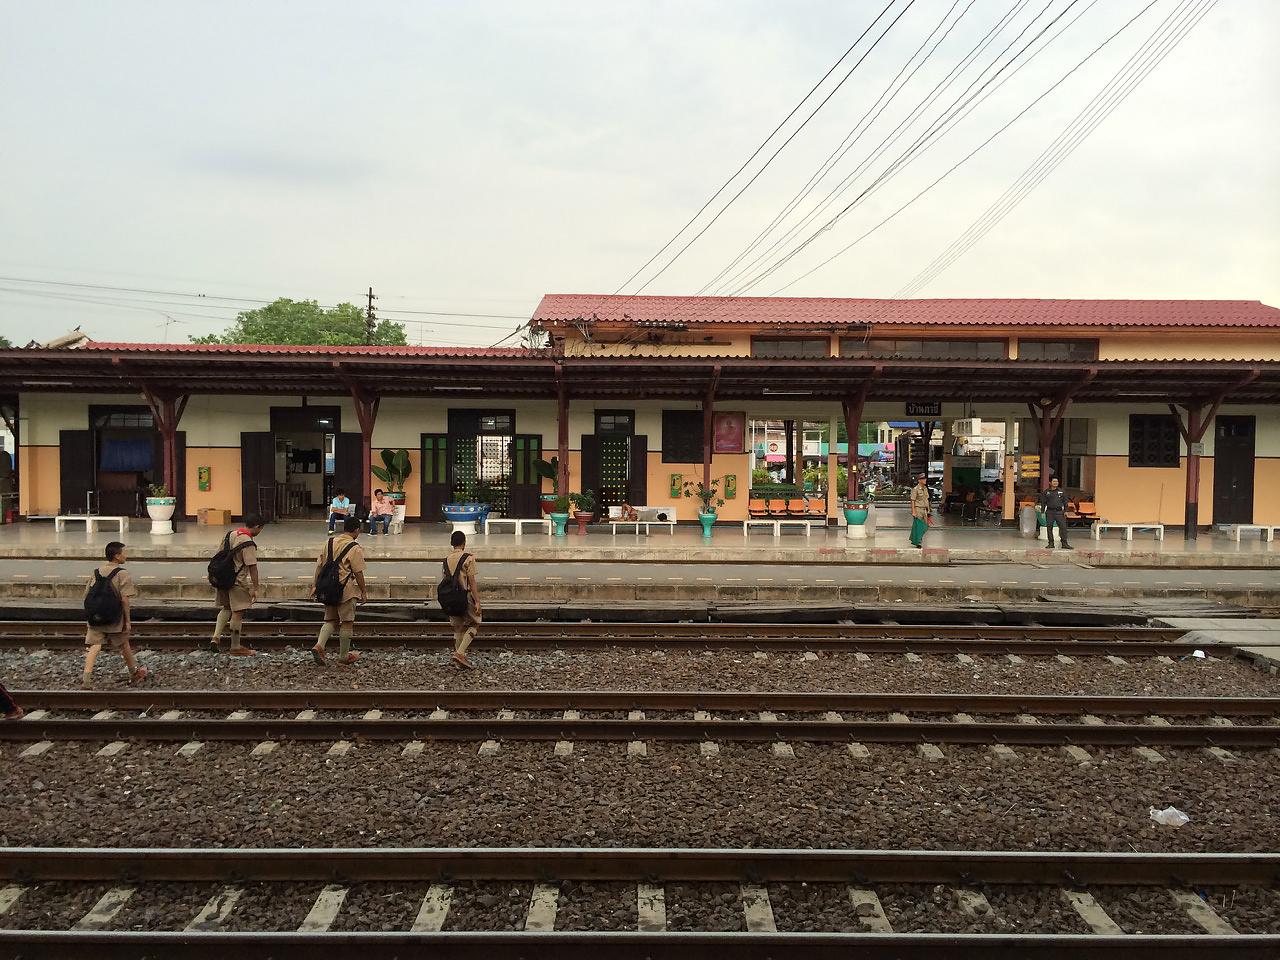 Путешествие по Таиланду, Аюттхая: Железнодорожная станция Аюттхаи